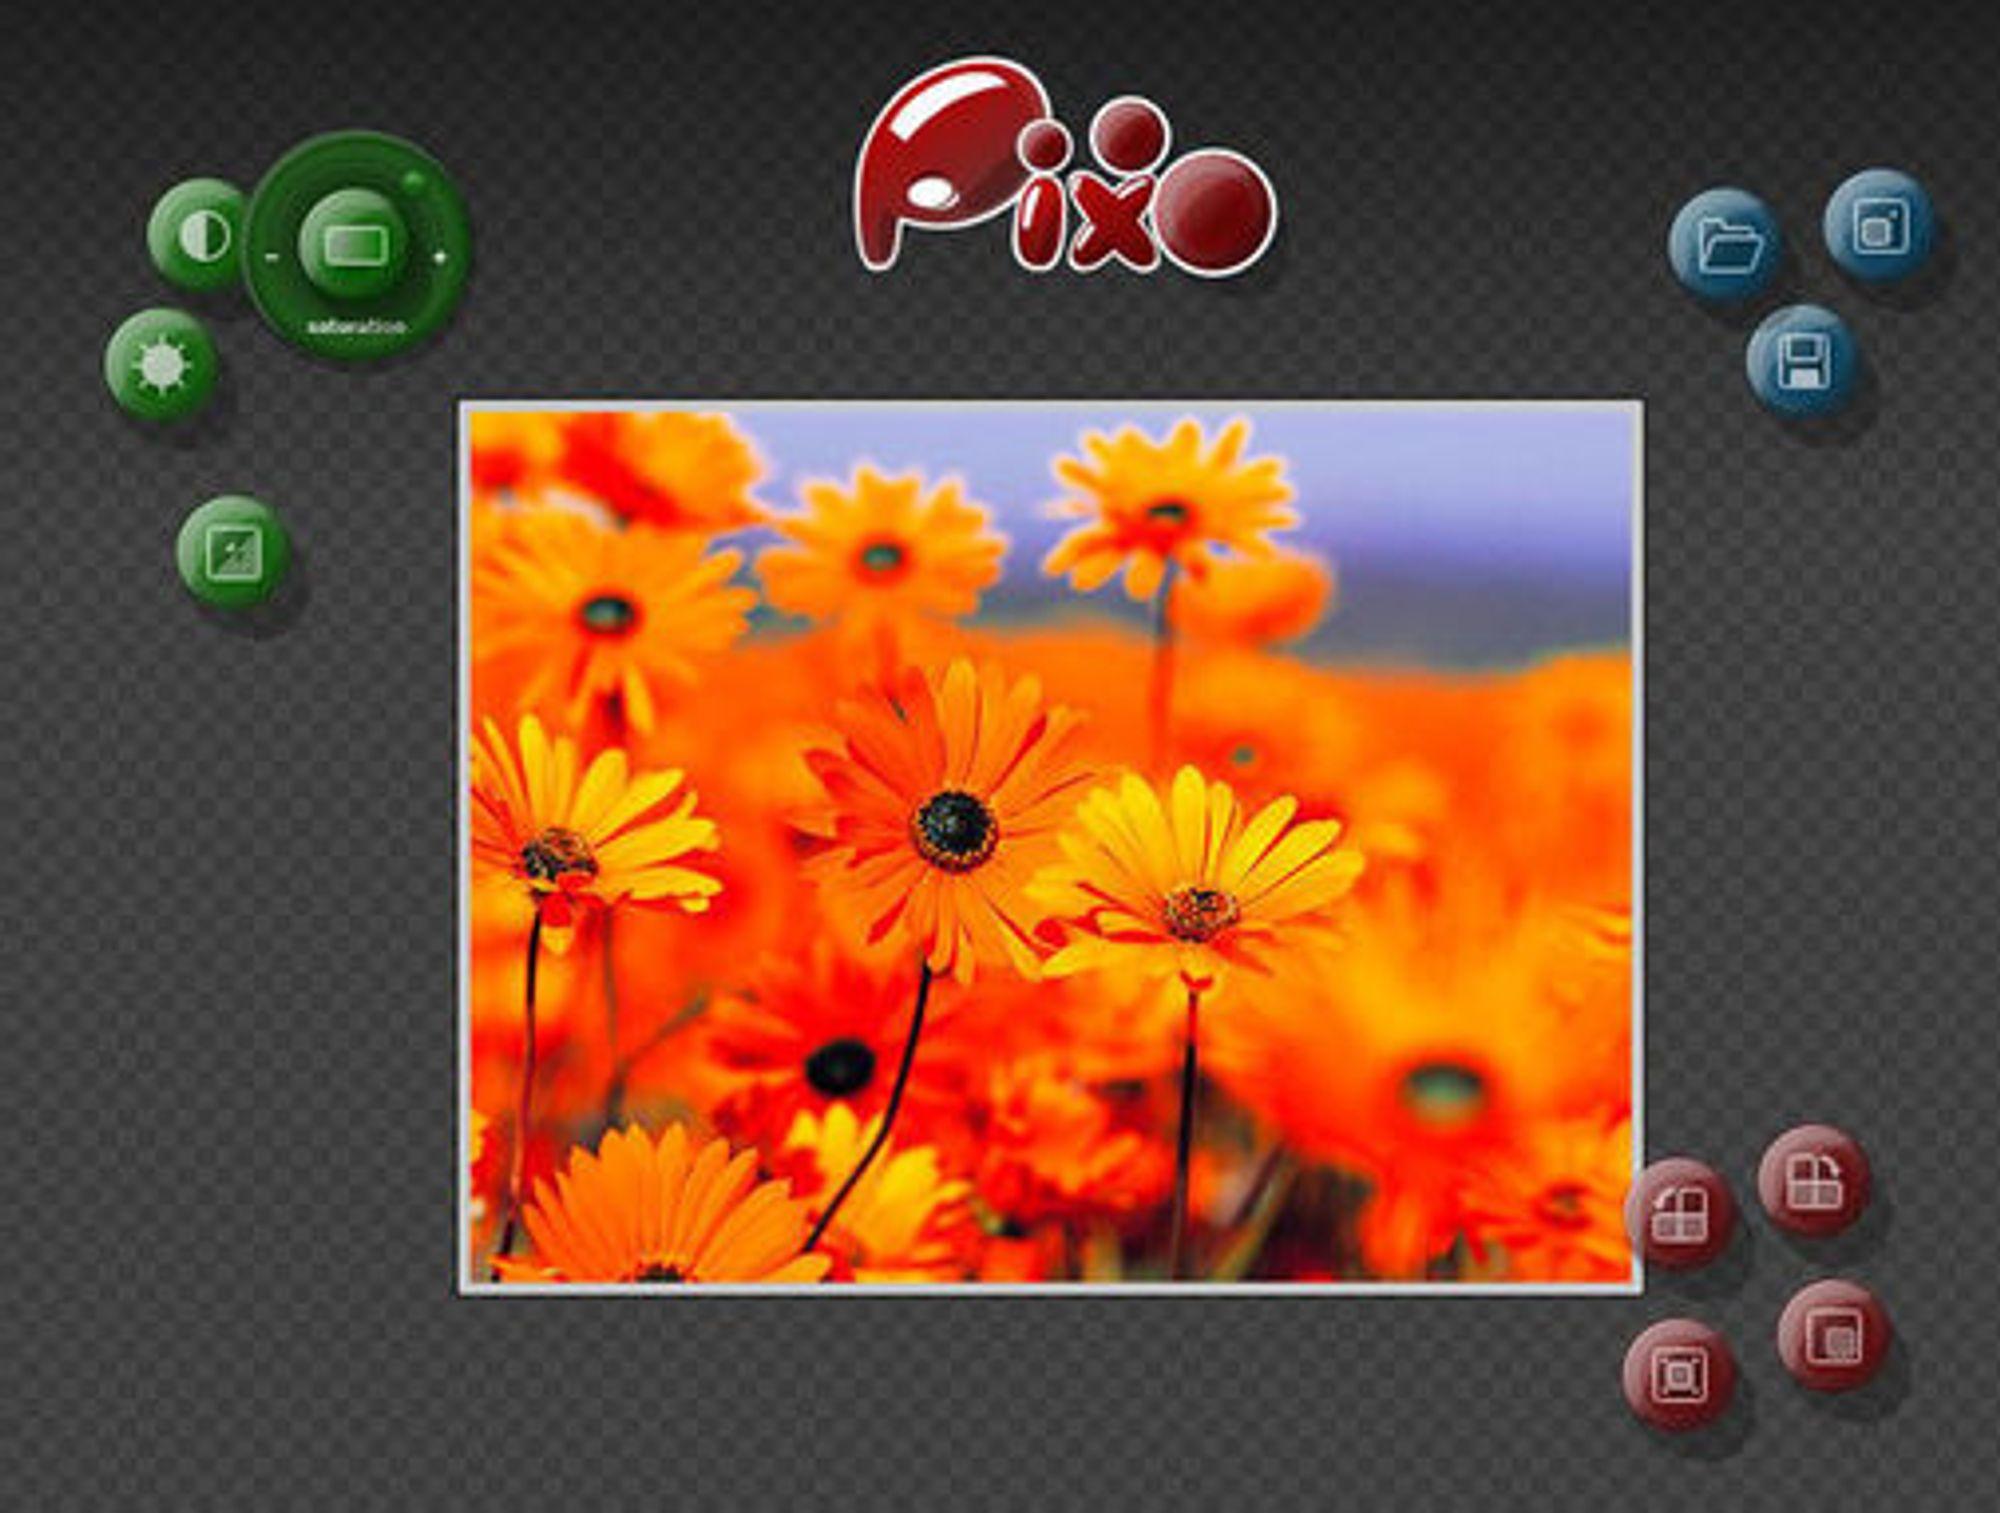 Enkelt bilderedigeringsverktøy laget med Silverlight 3 Beta